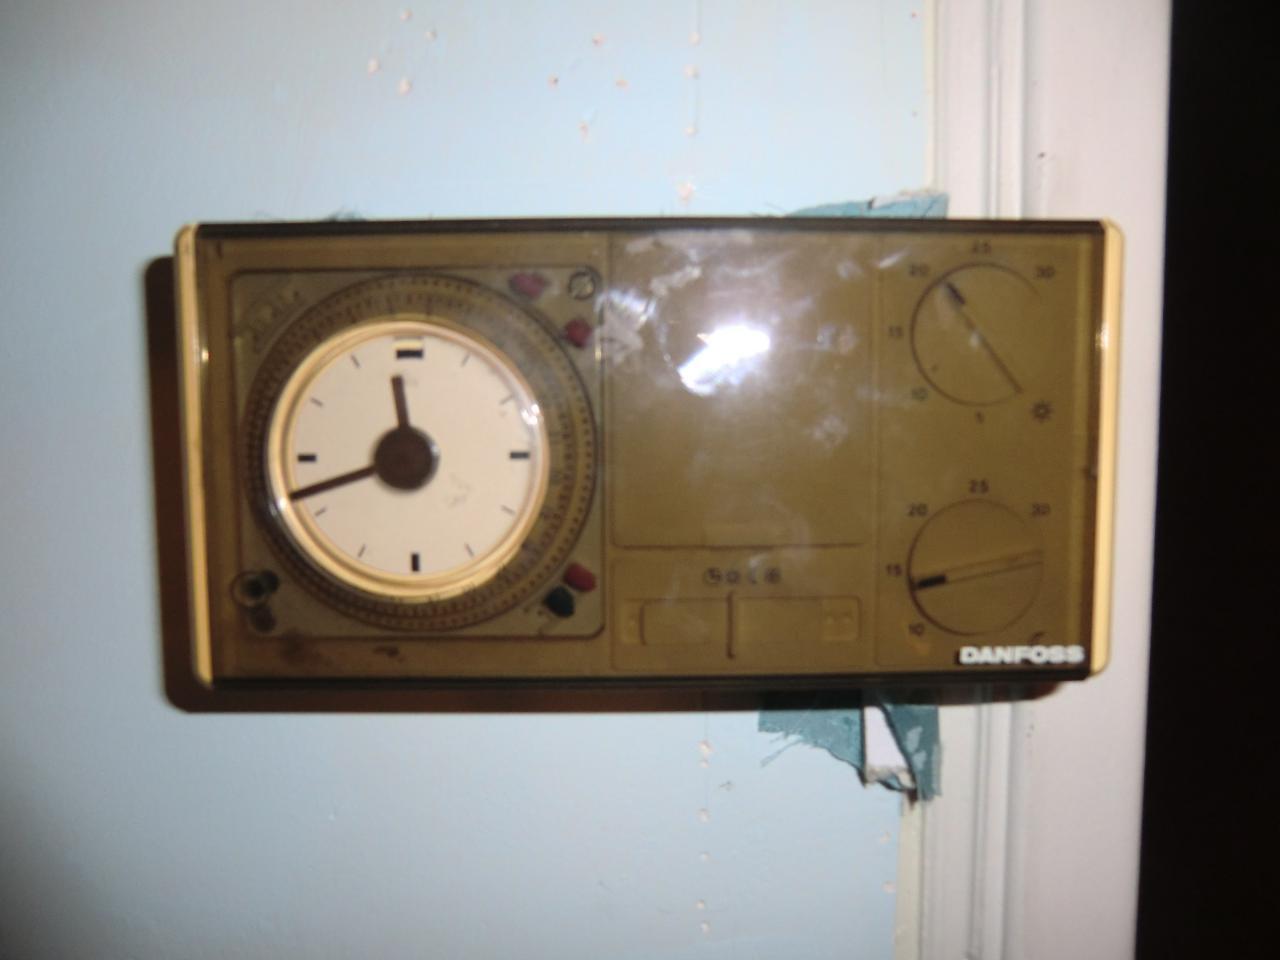 Installer un nouveau thermostat chauffage central for Installer un chauffage central